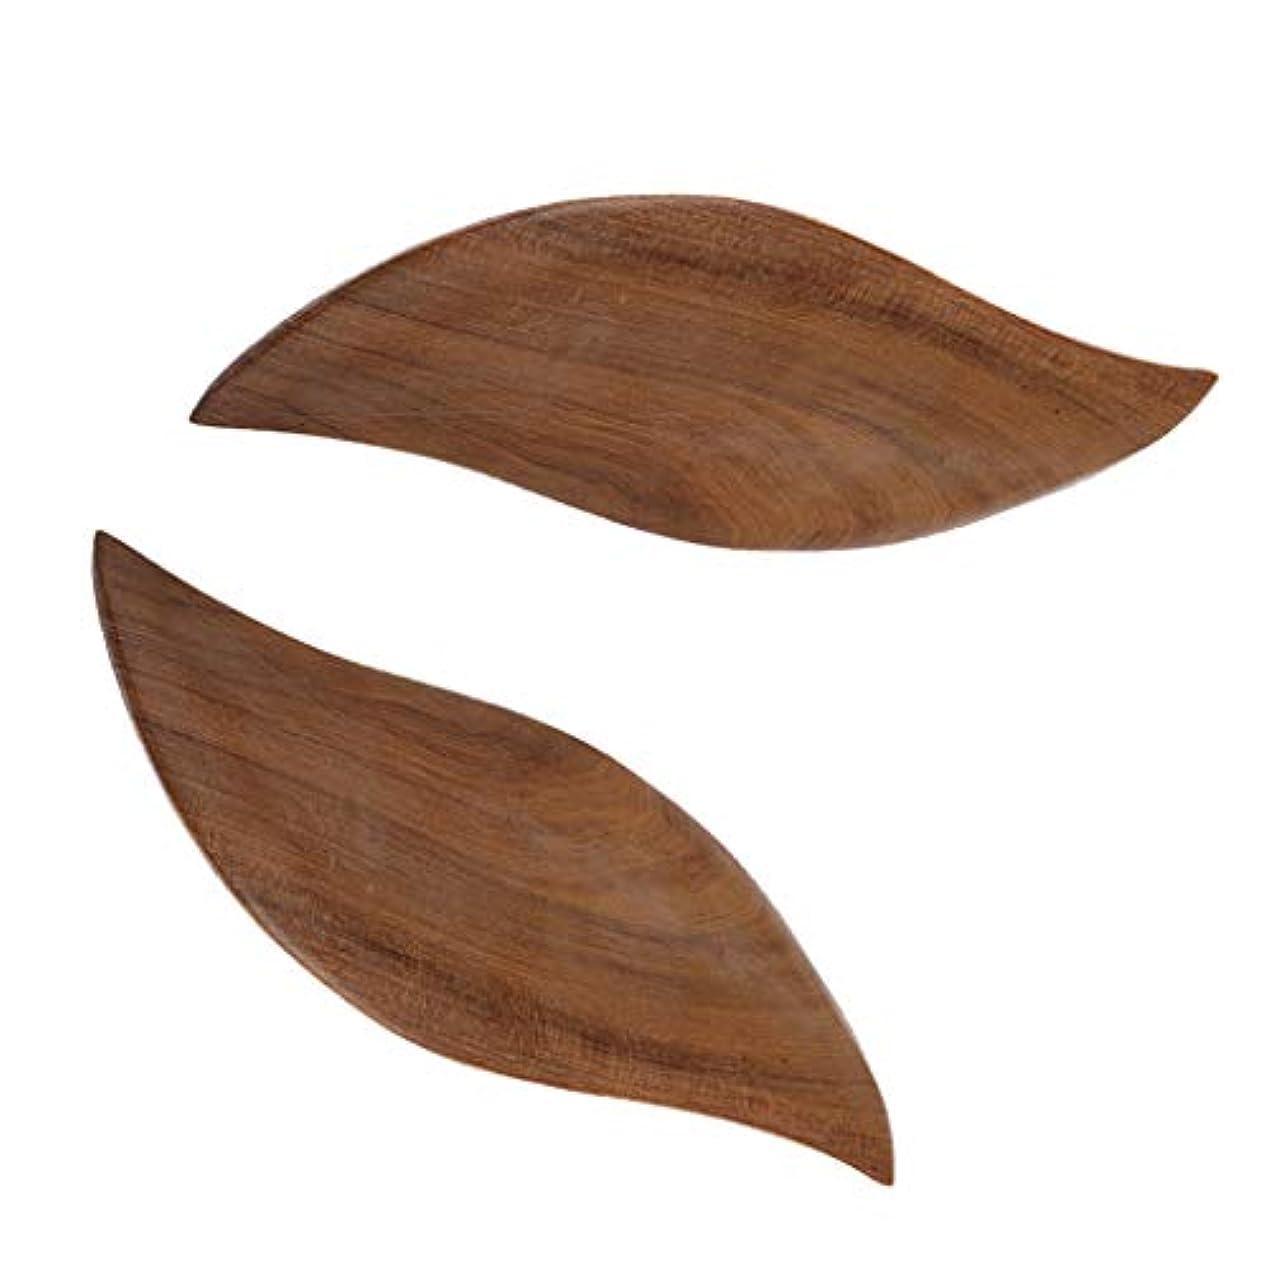 ルビー切り下げホイールFLAMEER 2枚 かっさプレート 木製 ボード ボディーケア マッサージ マッサージャー